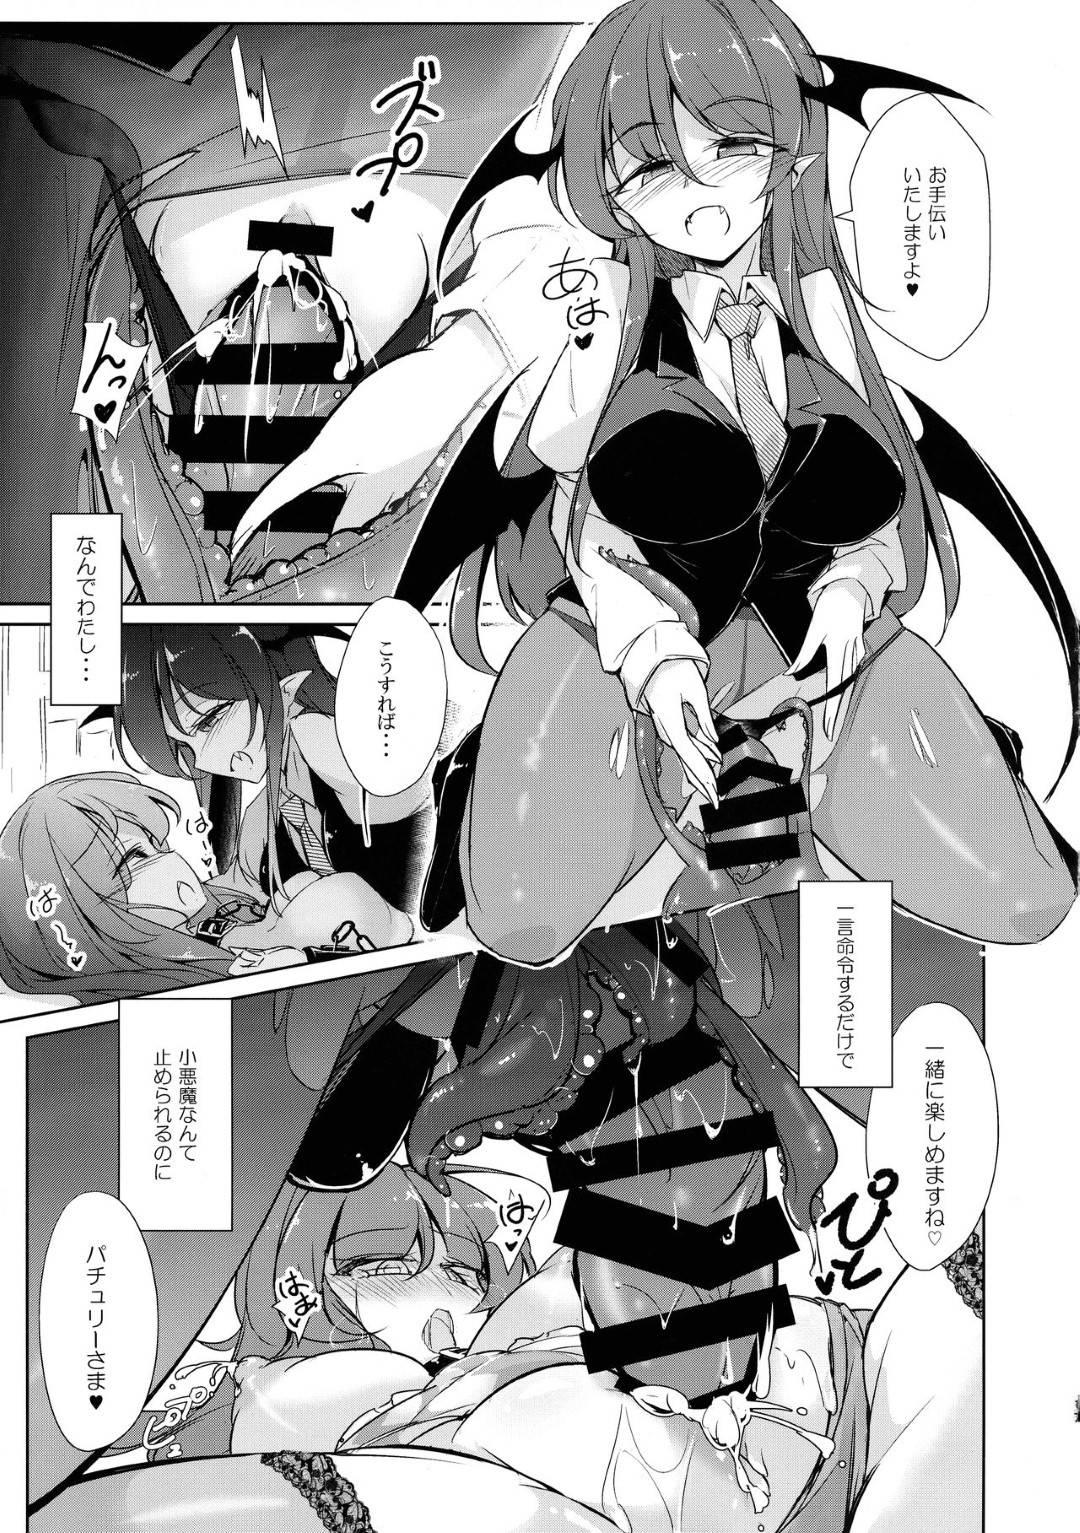 【エロ漫画】パチェリーを研究室に拘束した小悪魔。小悪魔はパチェリーを調教しようと身動きが取れない彼女に触手の化け物を放ち、陵辱させる!乳首やオマンコに触手は舐め回すように這って次第にパチェリーを母乳が吹くように肉体改造してしまう!快楽に溺れた彼女に小悪魔は触手チンポを挿入して種付けセックスするのだった。